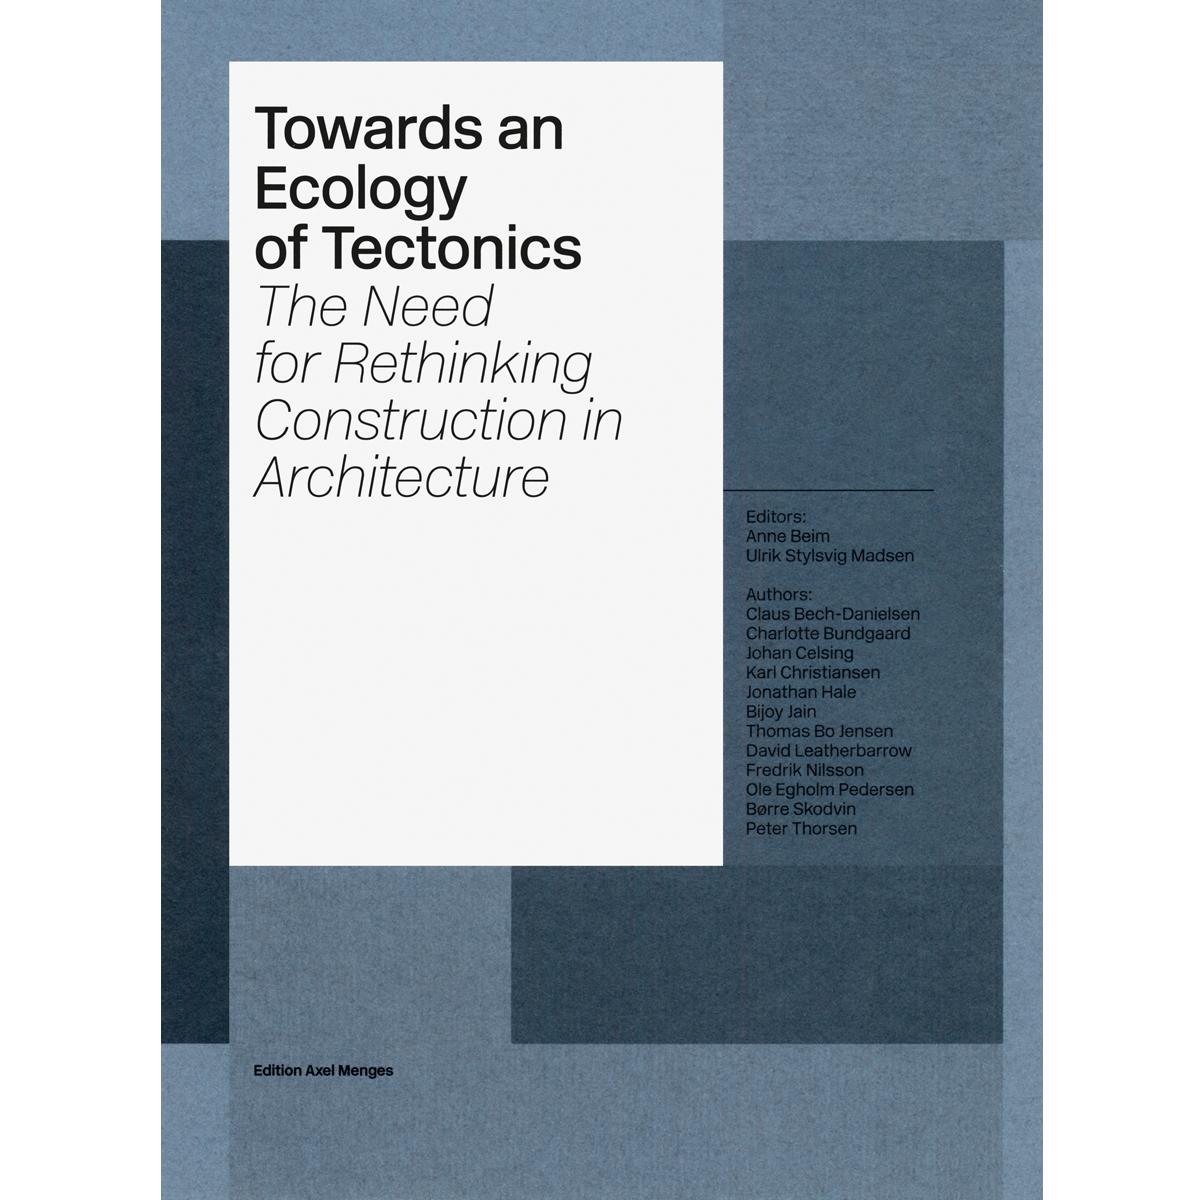 Towards an Ecology of Tectonics